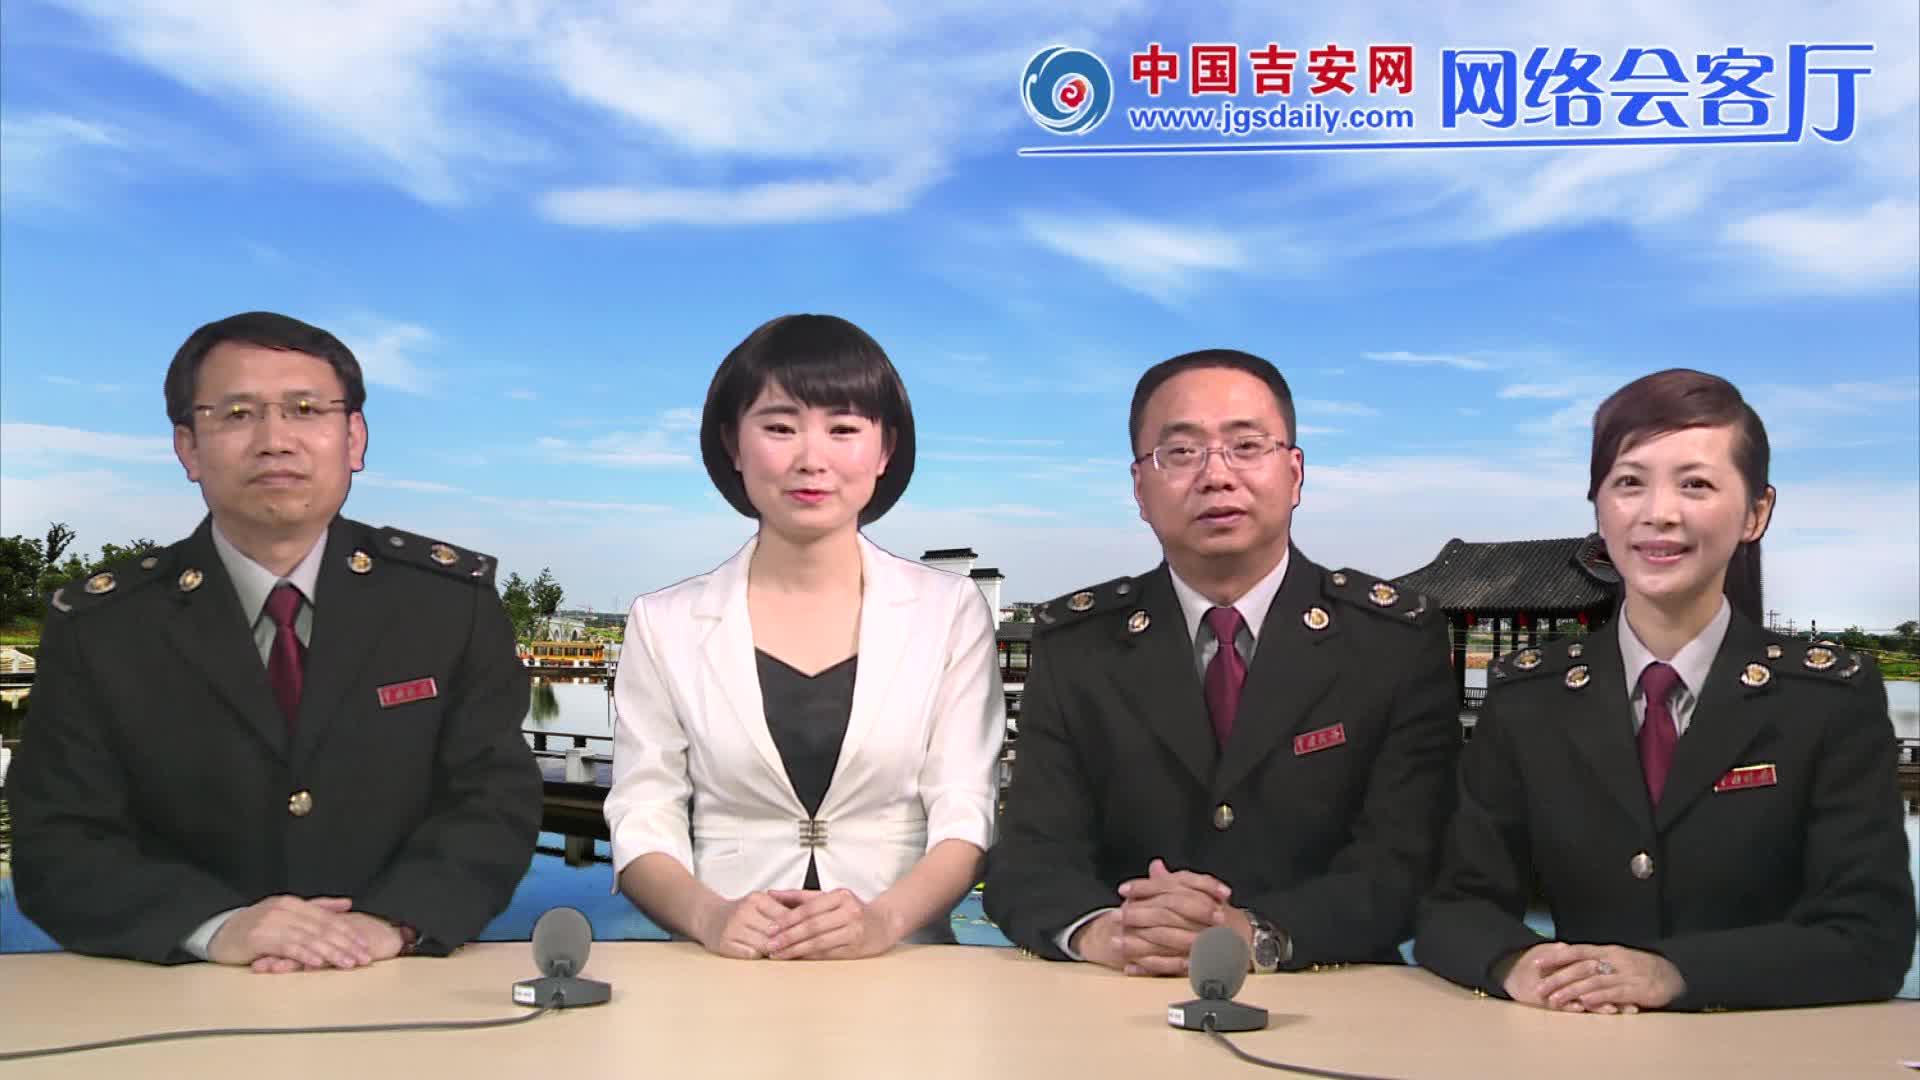 【网络会客厅】新常态 新税风